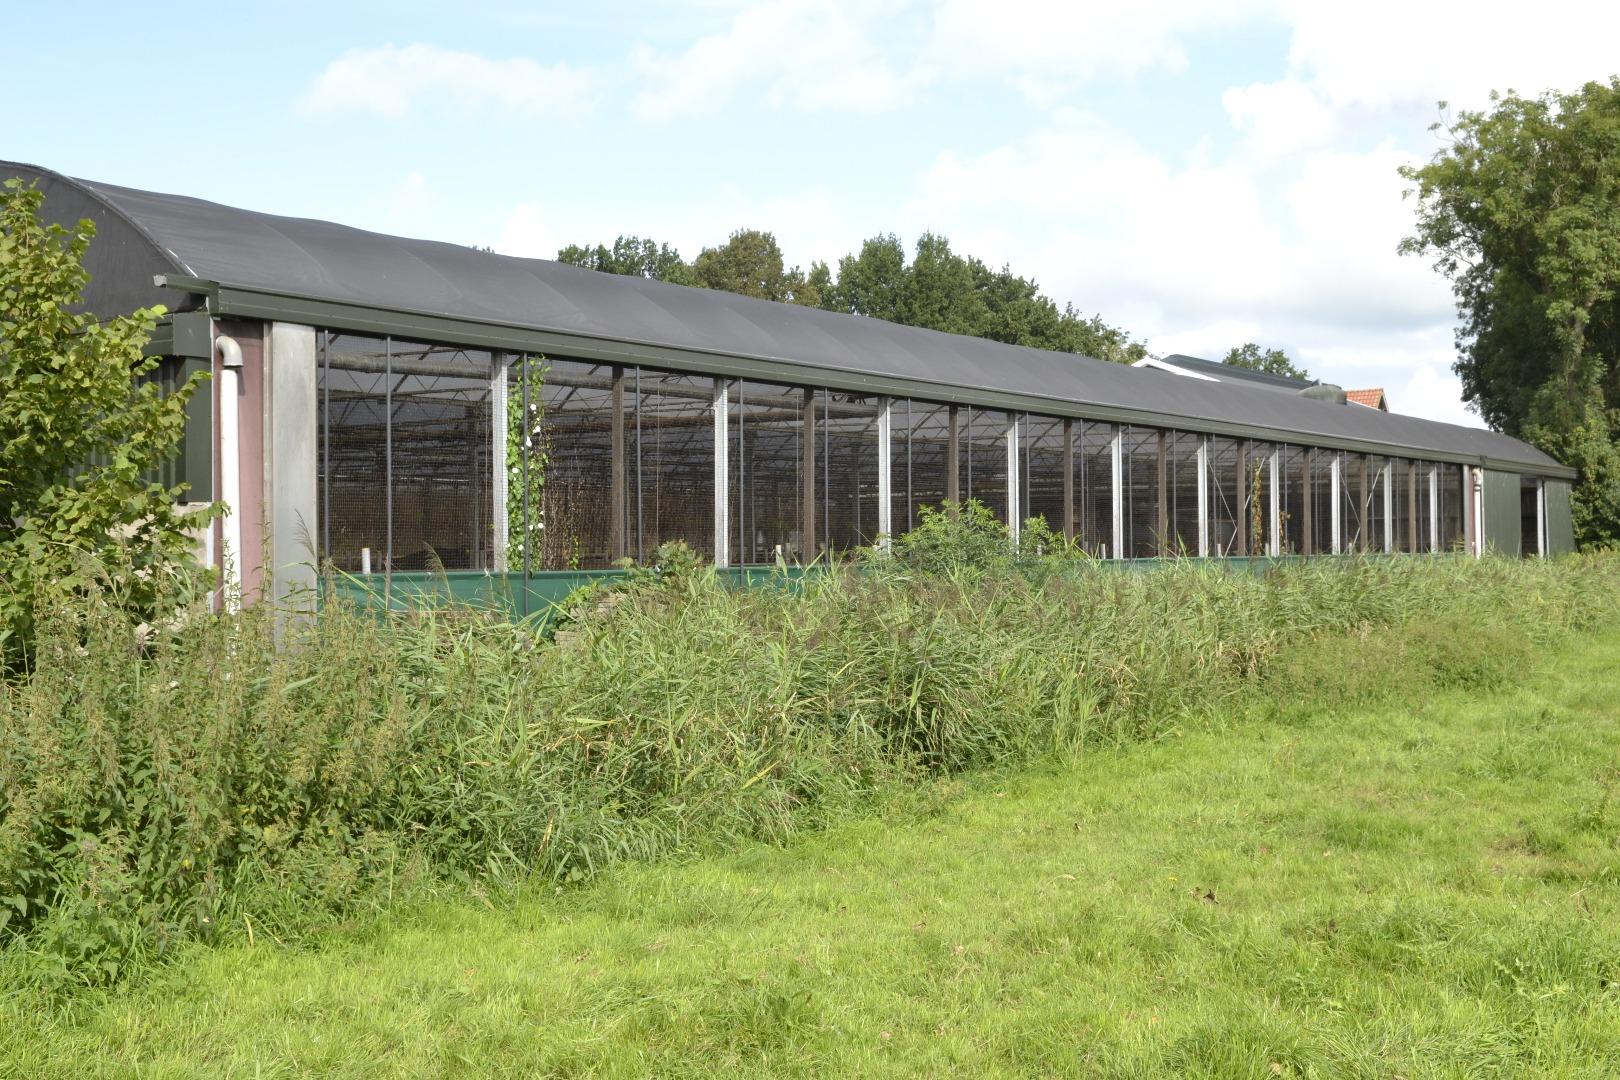 Gut bekannt Neue Dacheindeckung für erster Serrestall nach 14 Jahre | ID Agro ZM39